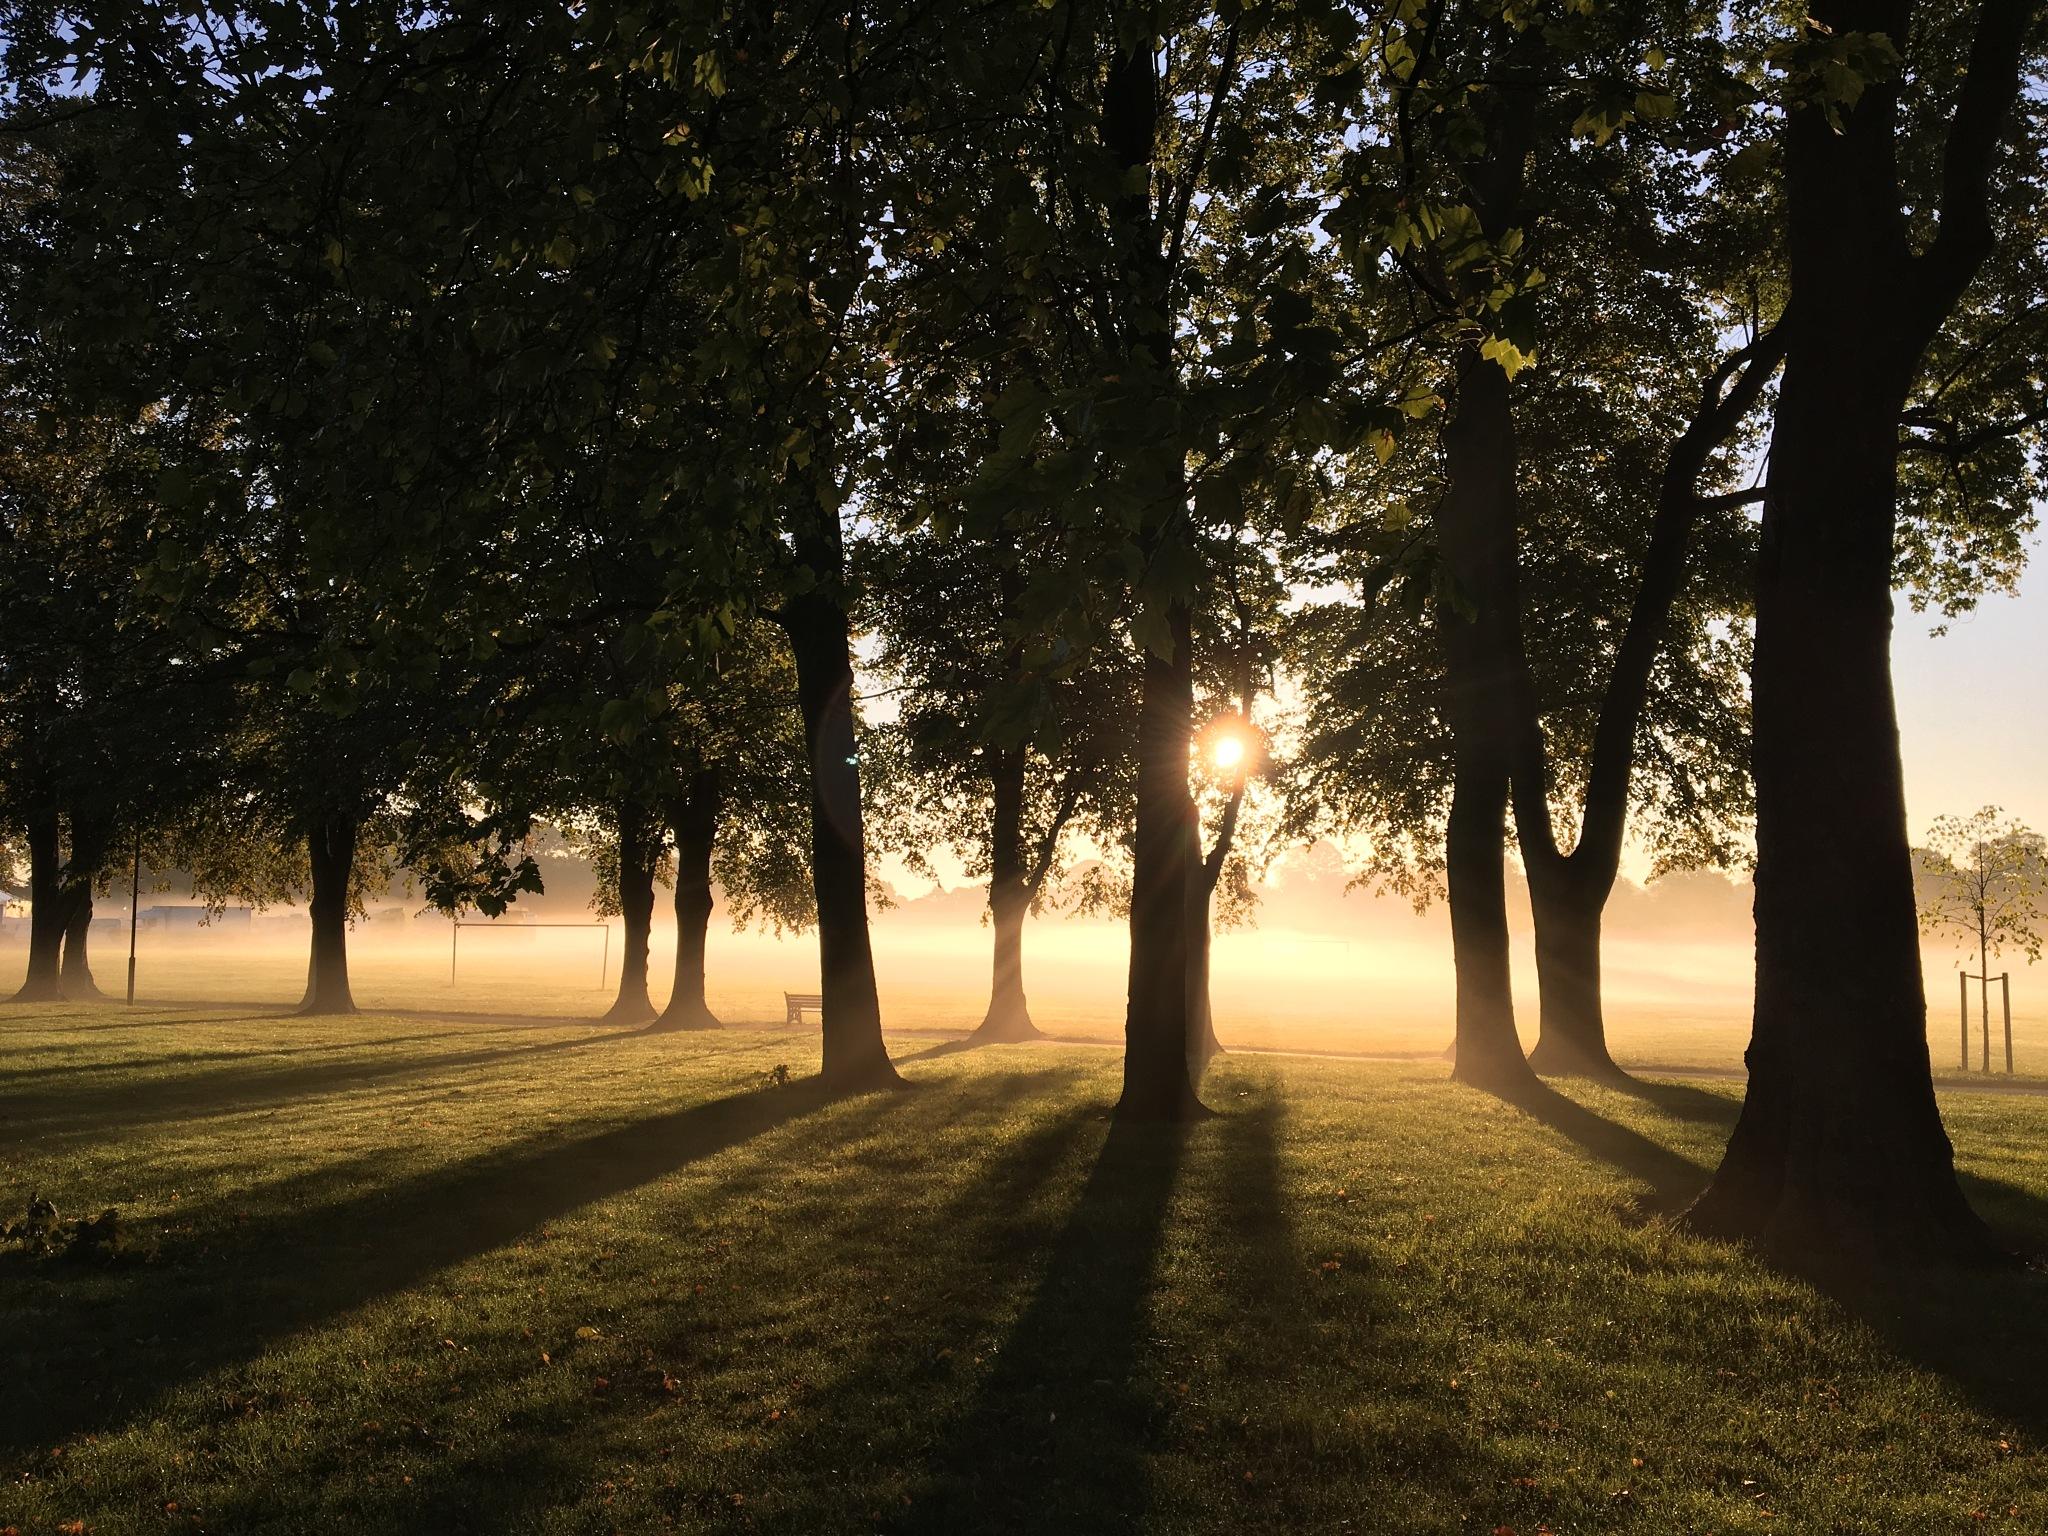 Misty morn by Michavich